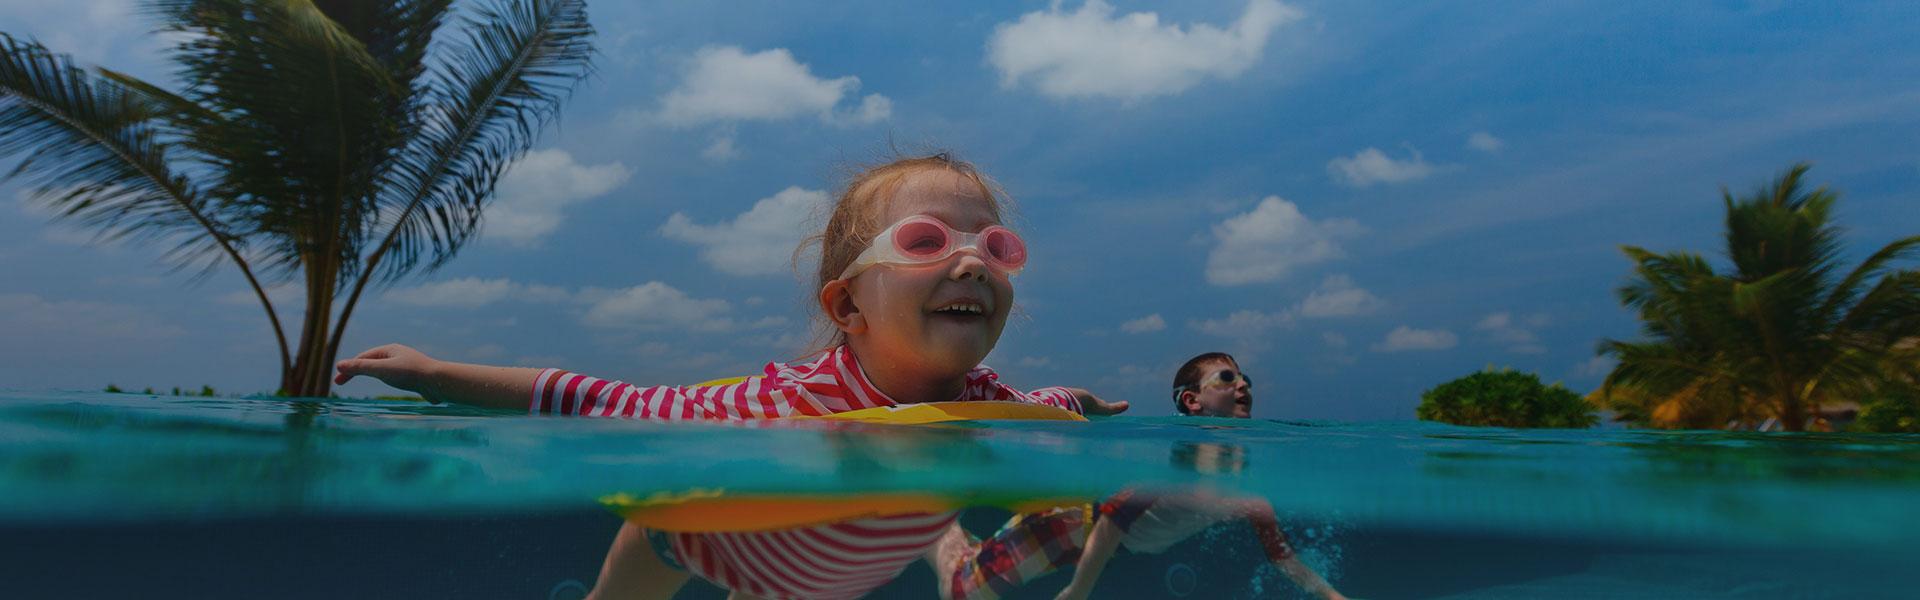 Kids enjoying swimming in Miami